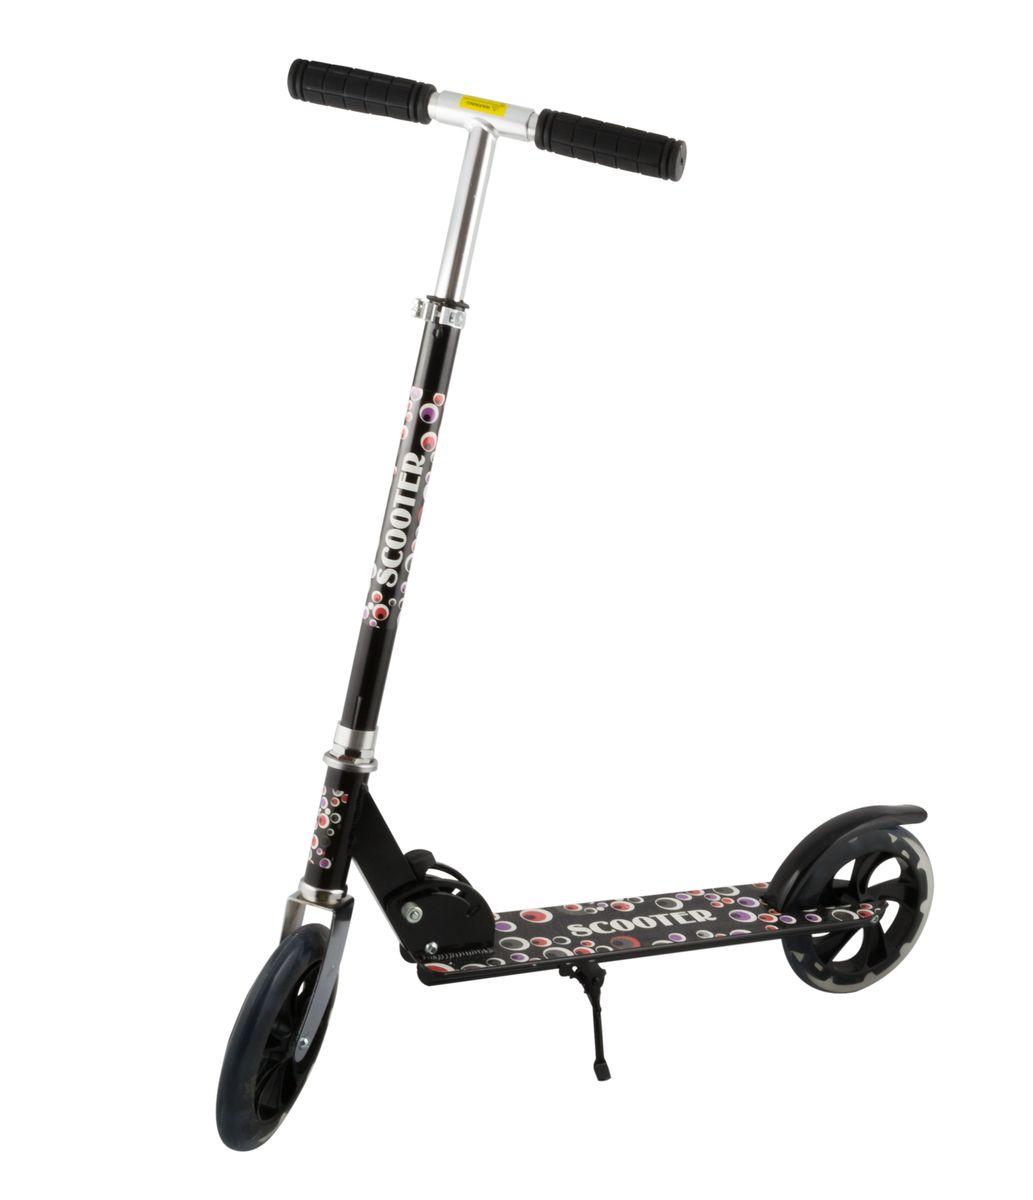 Самокат 2-колесный SC-02 (200 мм), цвет: черныйУТ-00008333Самокат 2-х колесный SC-02 (200 мм) - это двухколесная модель с колесами 200-мм для взрослых и детей. Эргономичные резиновые грипсы. Телескопический руль. Удобная система складывания. Алюминиевая дека. Металлический тормоз. Полиуретановые 200-мм колеса. Подножка для устойчивости самоката. Подшипники ABEC 7 для быстрой и плавной езды. Технические характеристики: Дека: алюминий Ручки: резина Руль: алюминий Материал колеса (внутр): полипропилен Материал колеса (внешний): полиуретан Регулировка руля: есть Система складывания: есть Размер колеса, мм: 200 Подшипники: Abec-7 Цвет: черный Вес, гр: 3350 Производство: КНР Ед. изм: шт. Кратность товара: 1 Количество в коробке: 6